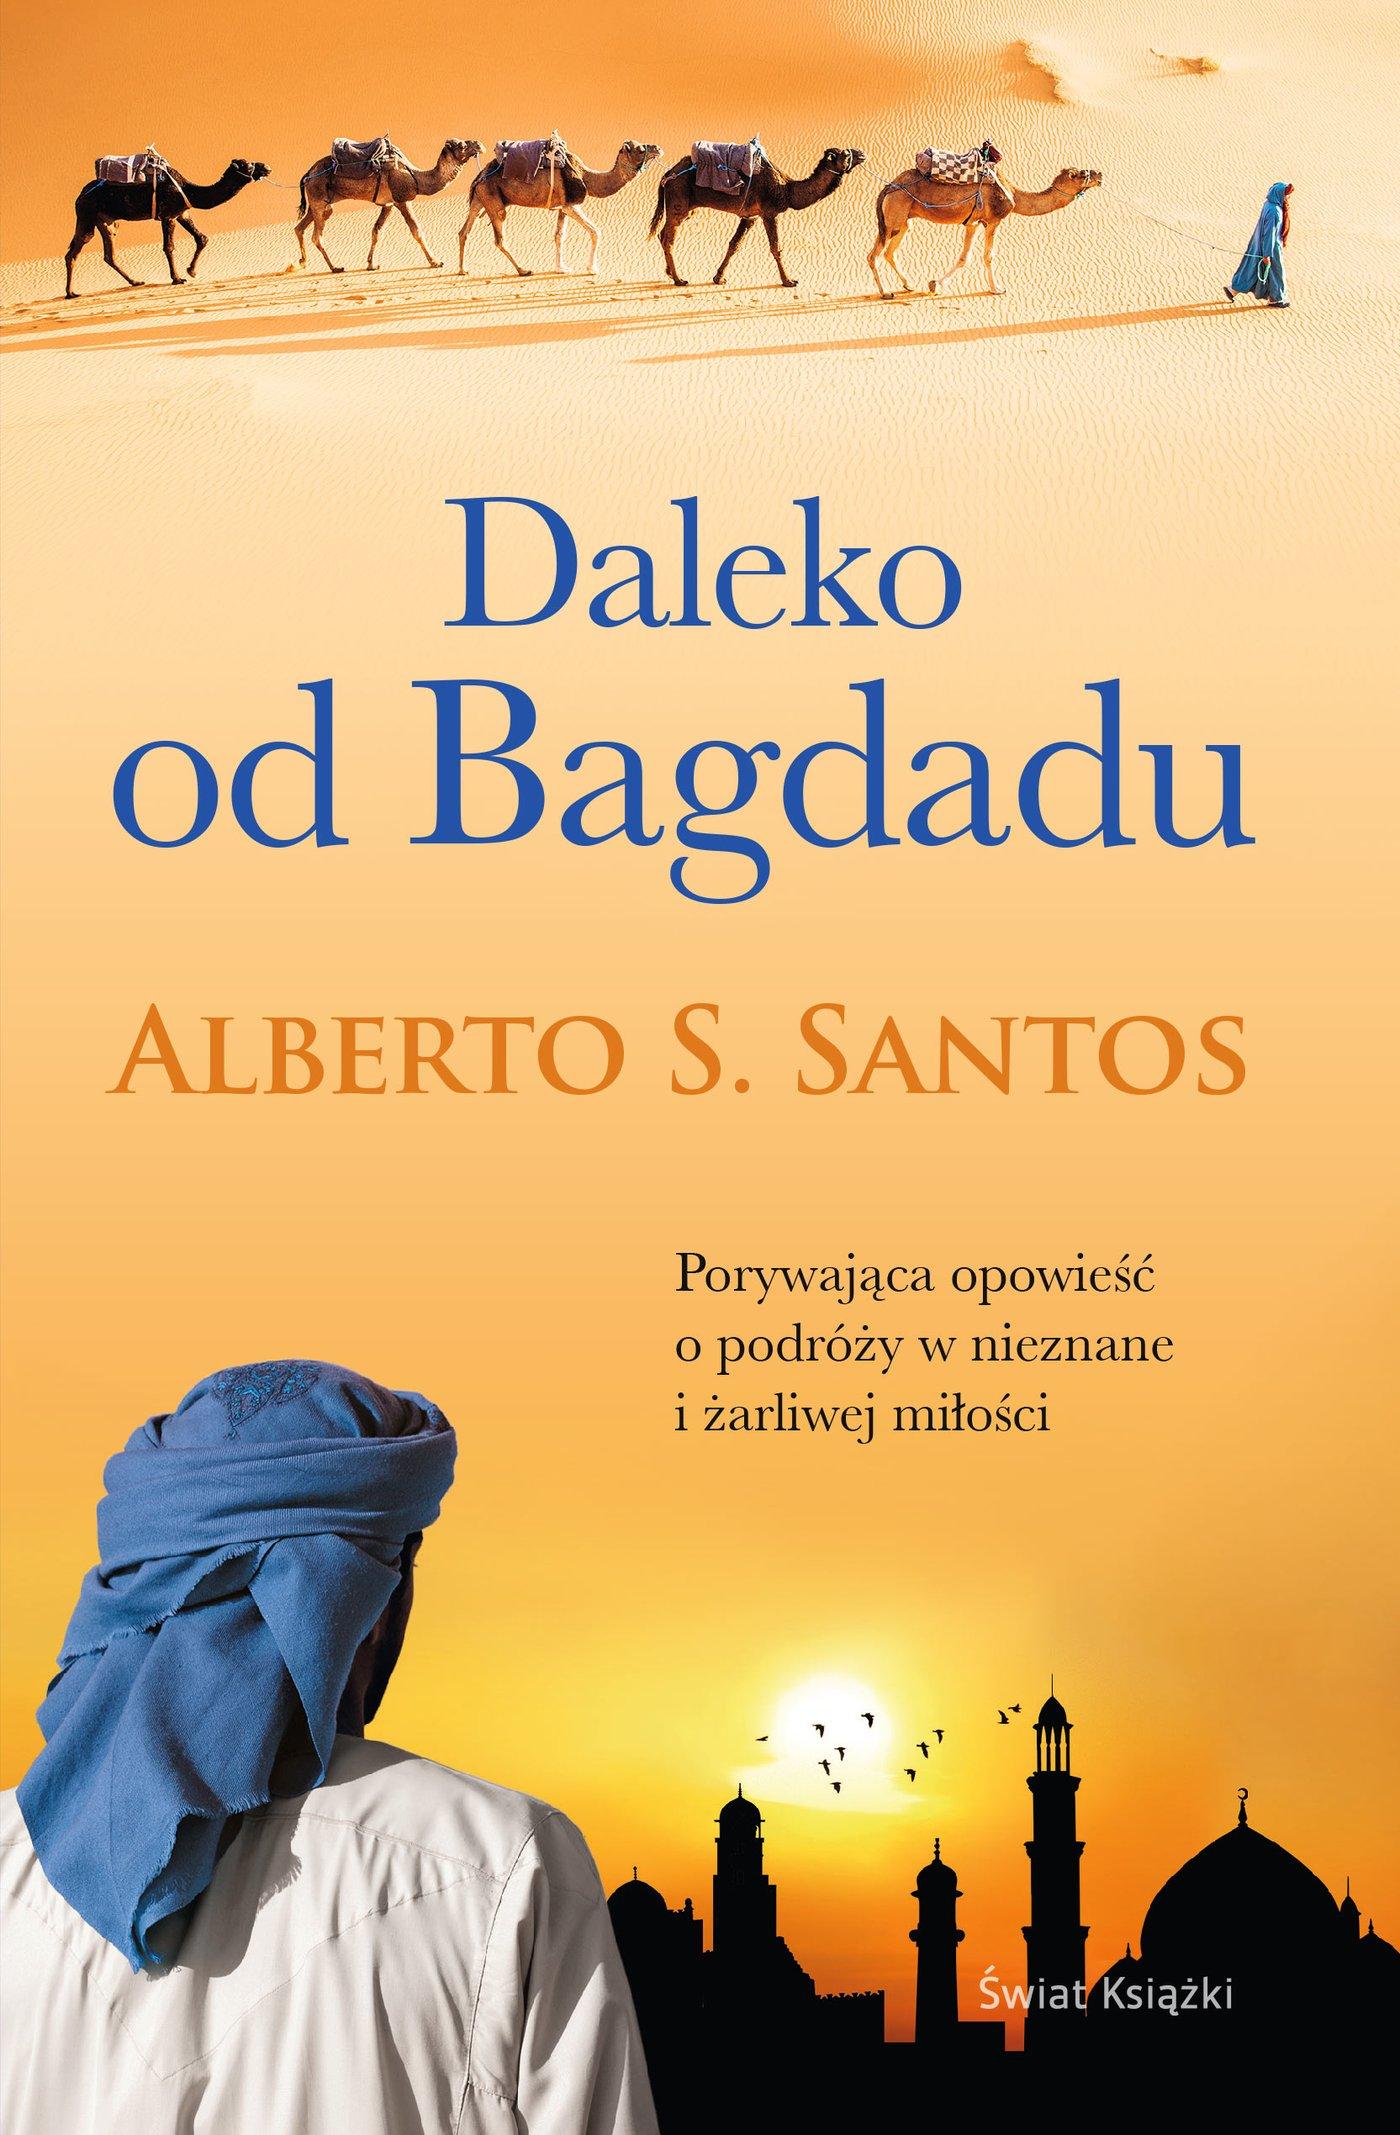 Daleko od Bagdadu - Ebook (Książka na Kindle) do pobrania w formacie MOBI